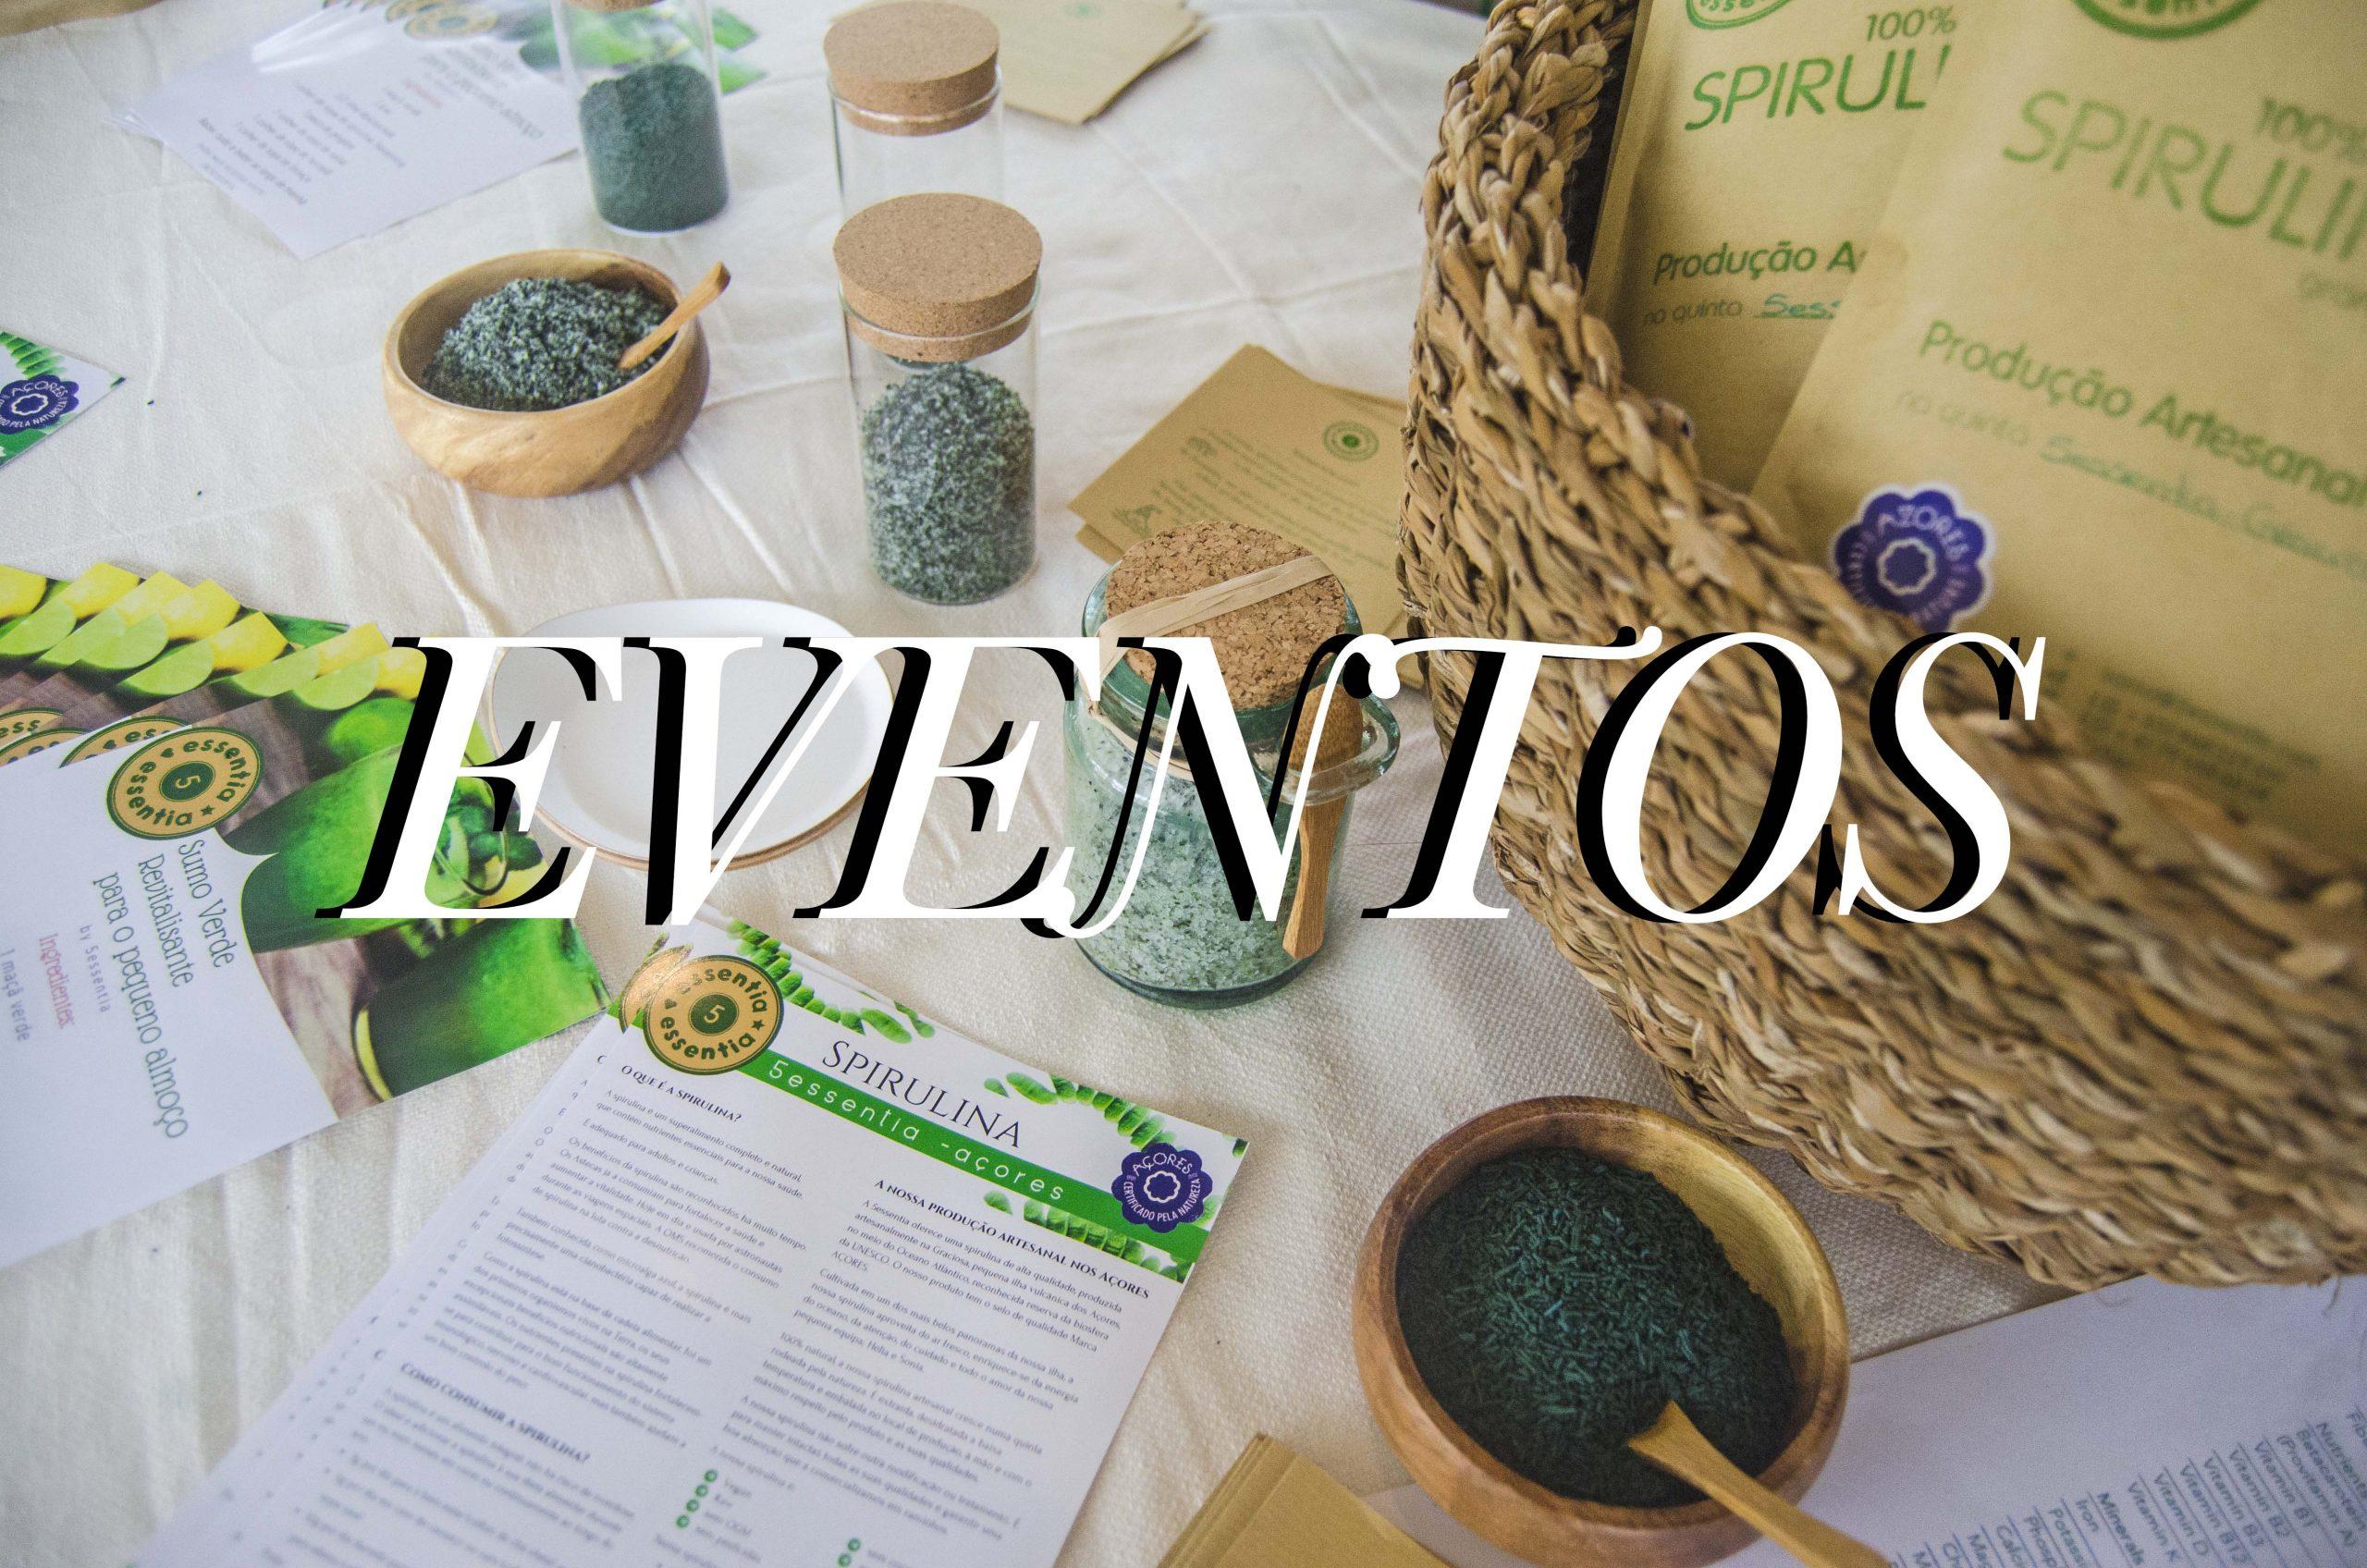 Eventos da 5esentia açores;